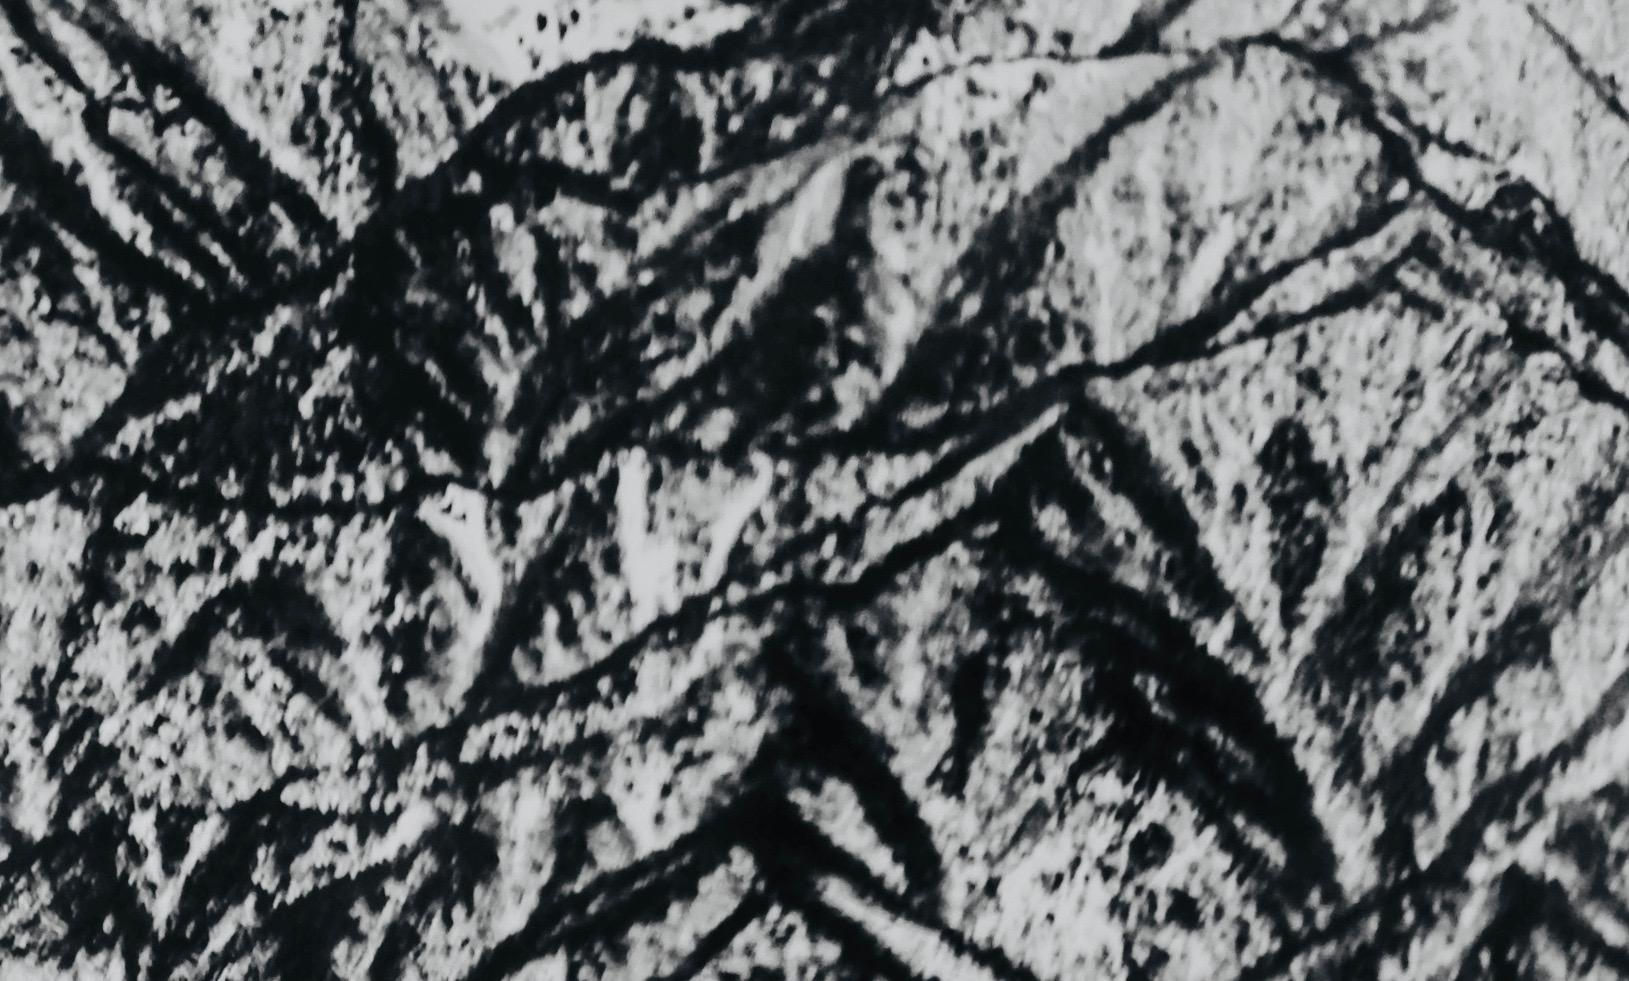 Ishka Michocka: Baum-Foto